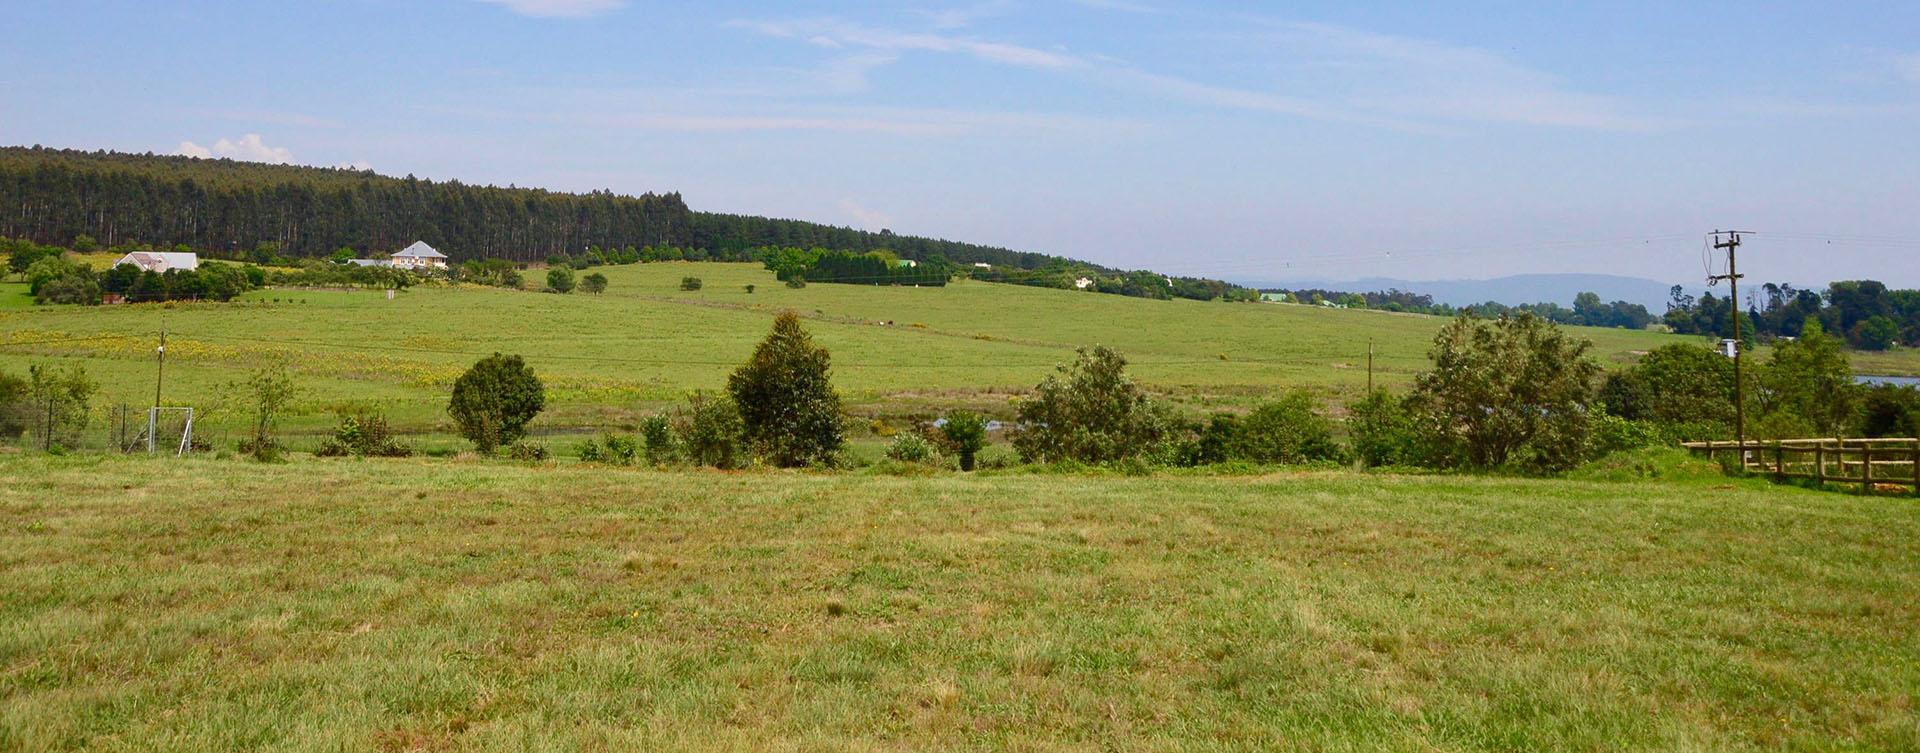 prime-plot-land-garlington-estate-hilton-kzn-midlands-meander-property-sales